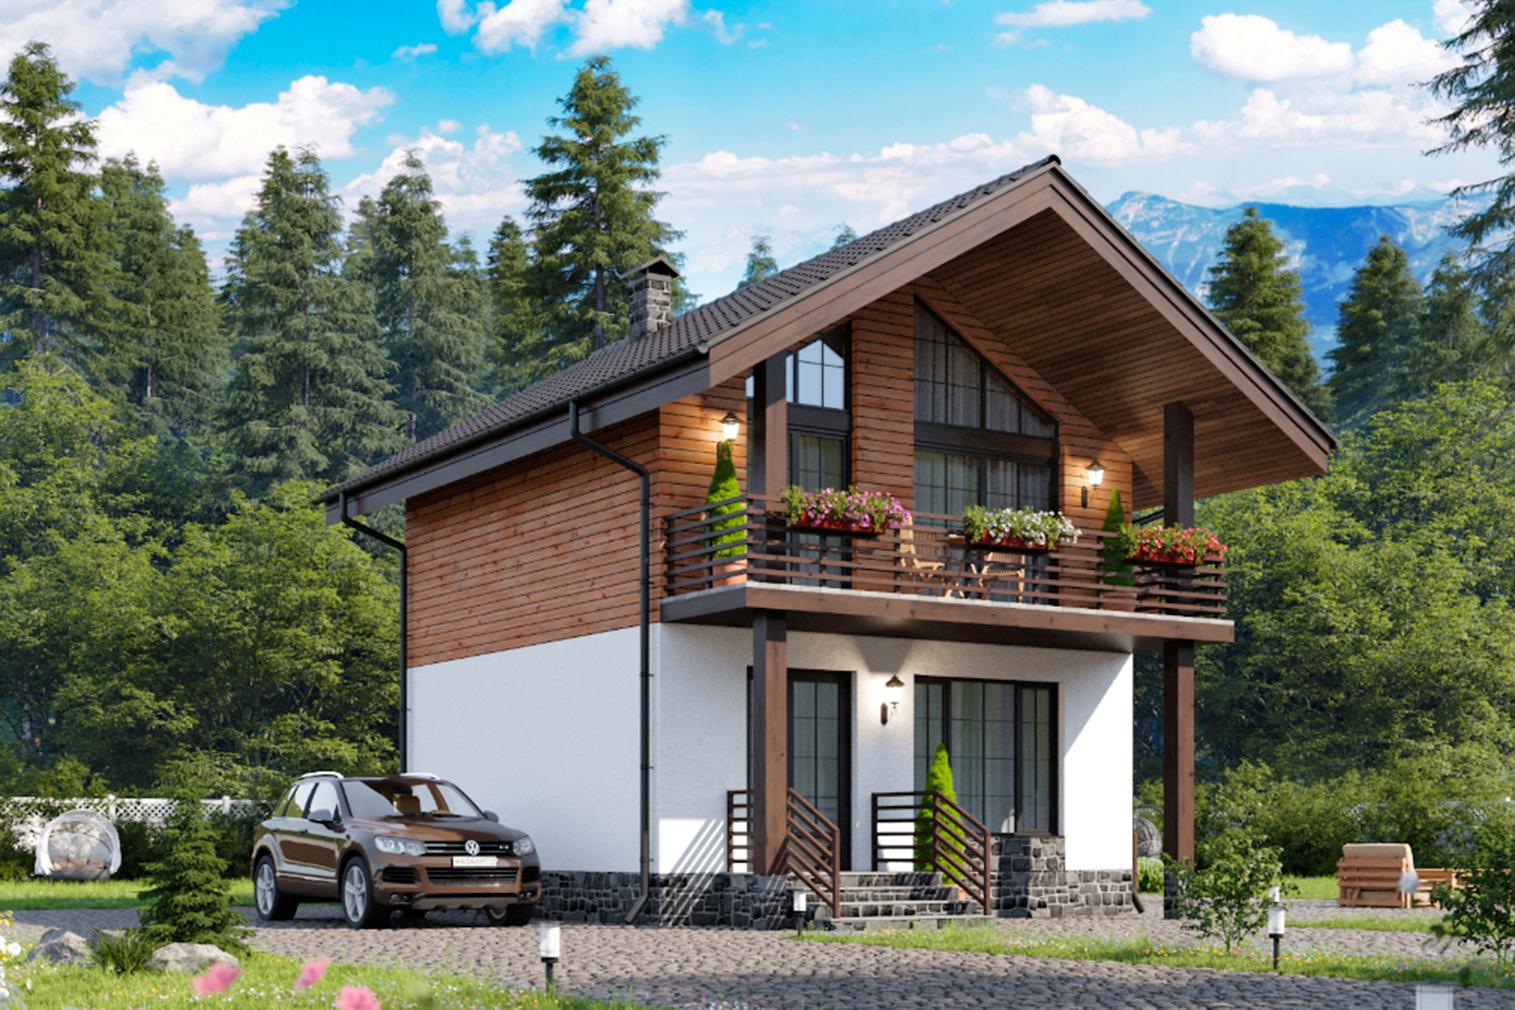 своенравный дом в альпийском стиле фото проекты заказе рекомендуем согласовать